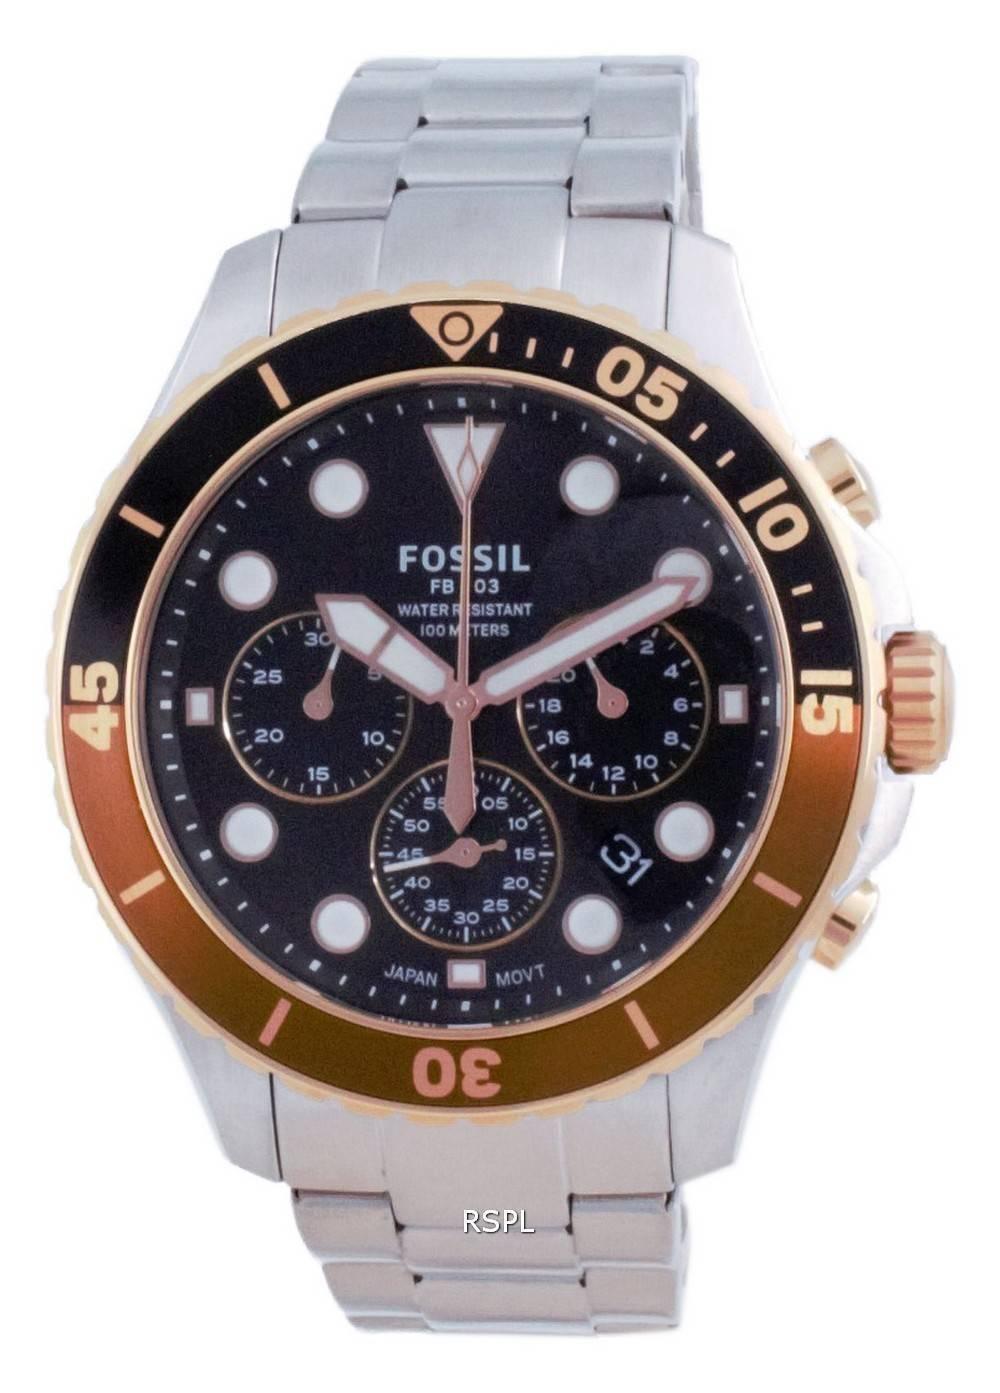 Fossil FB-03 Chronograph musta soittaa ruostumatonta terästä kvartsi FS5768 100M miesten kello